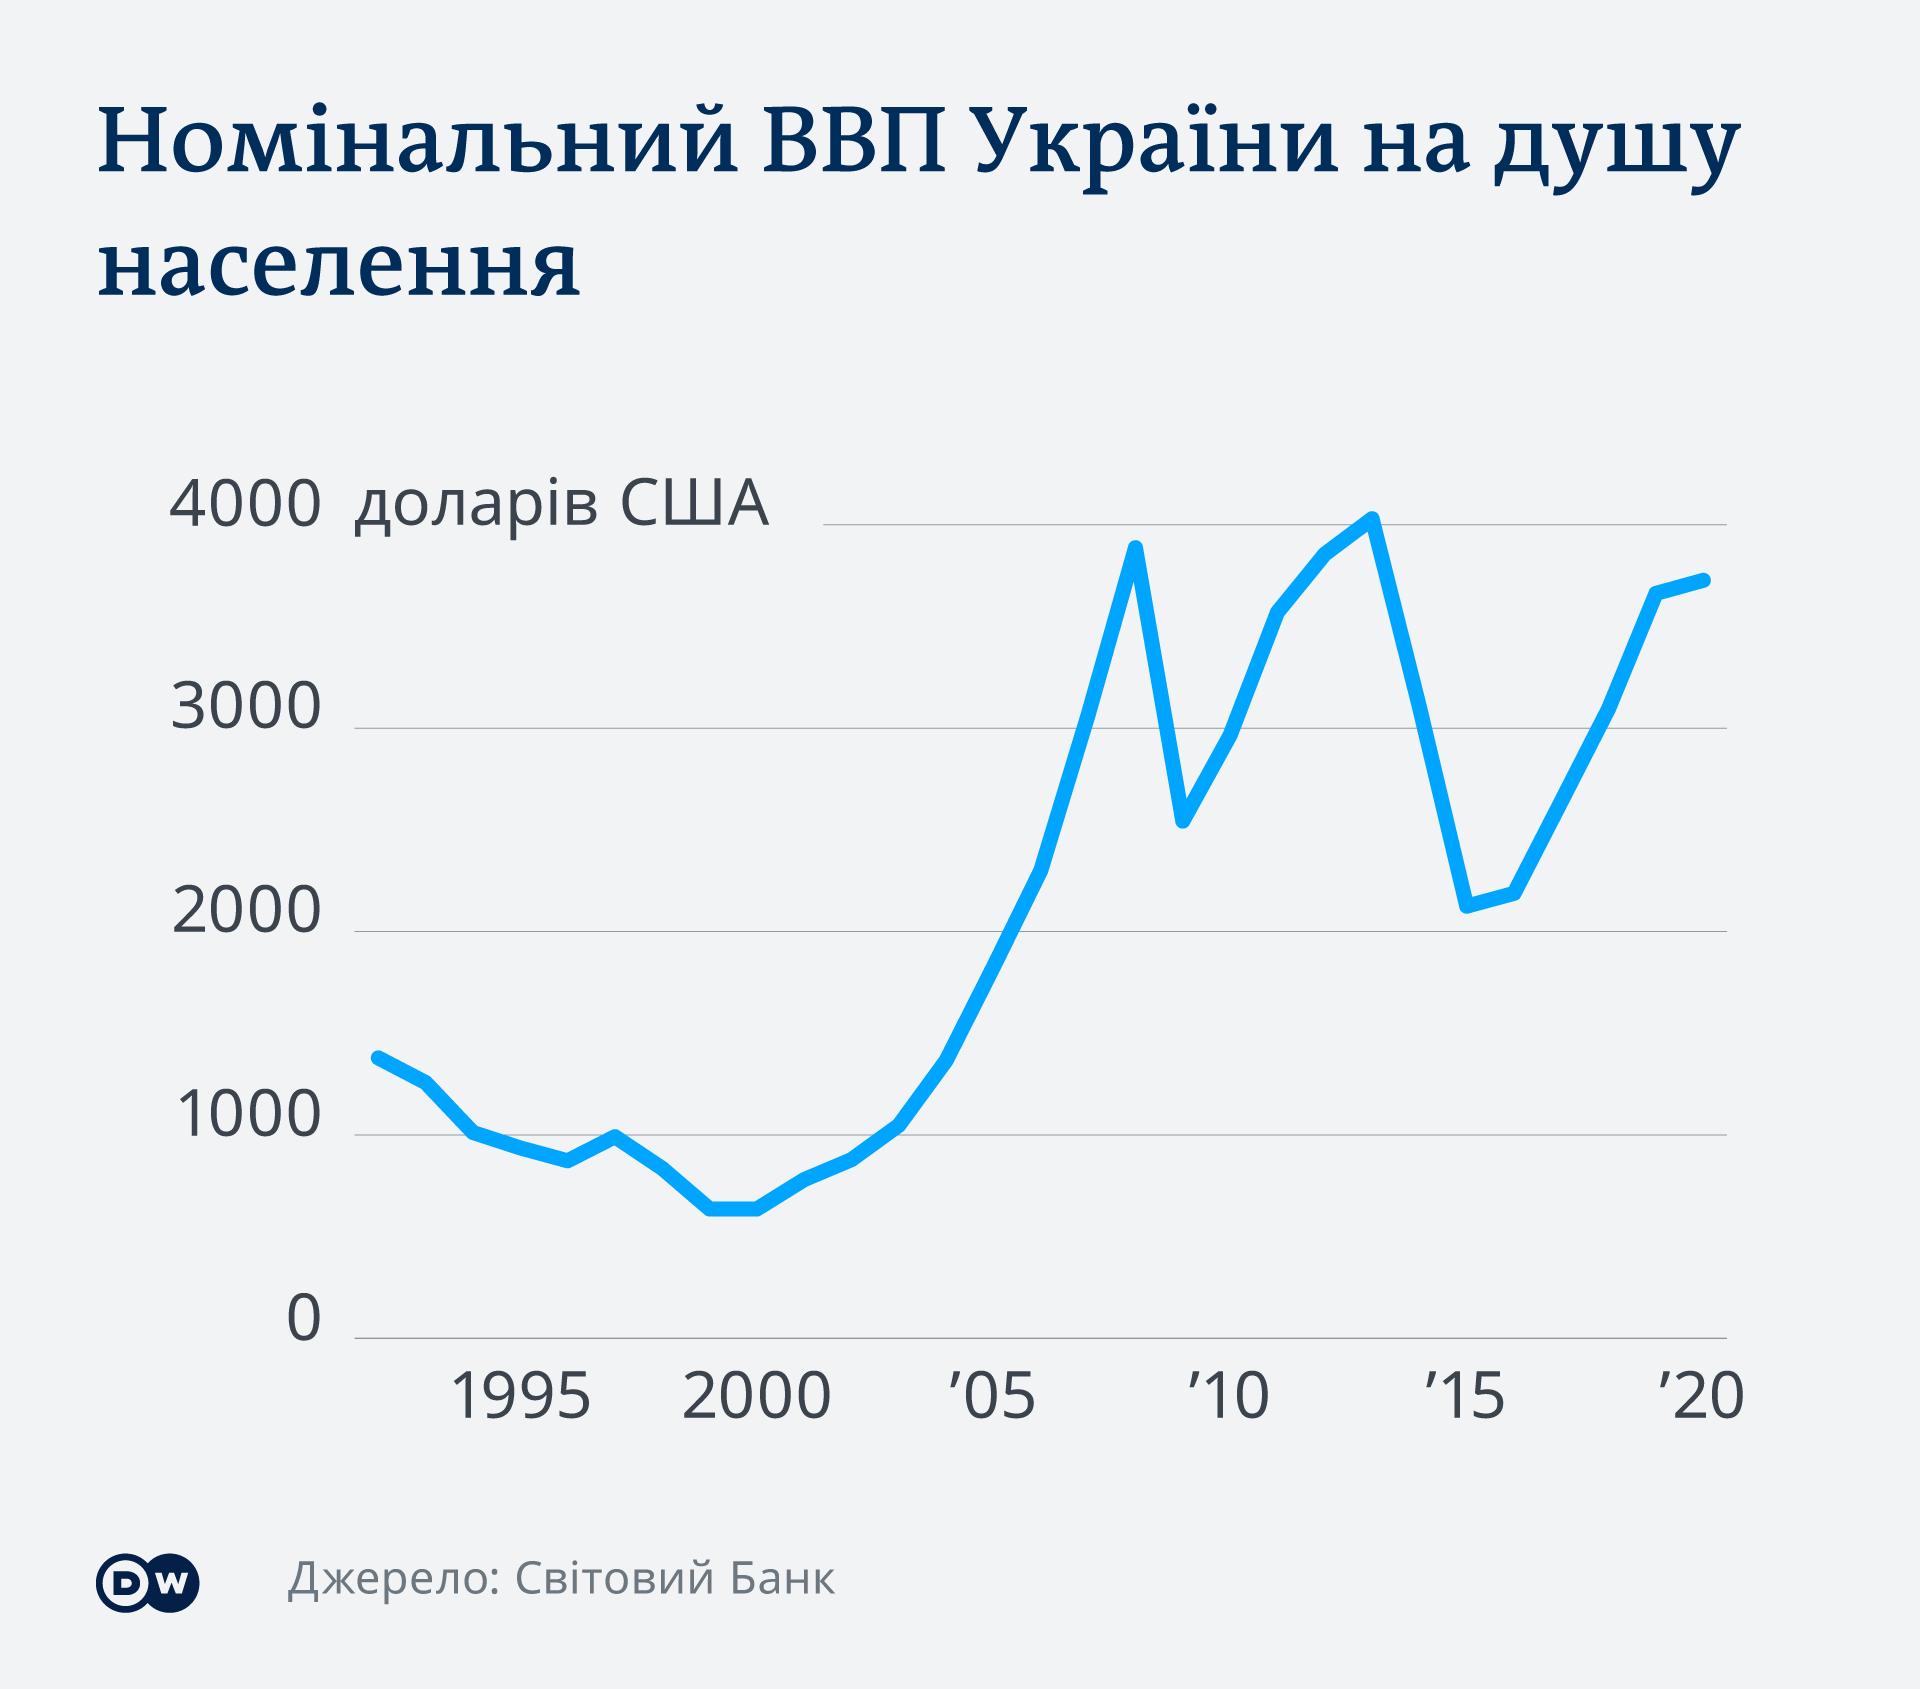 Графік номінального ВВП України з розрахунку на душу населення